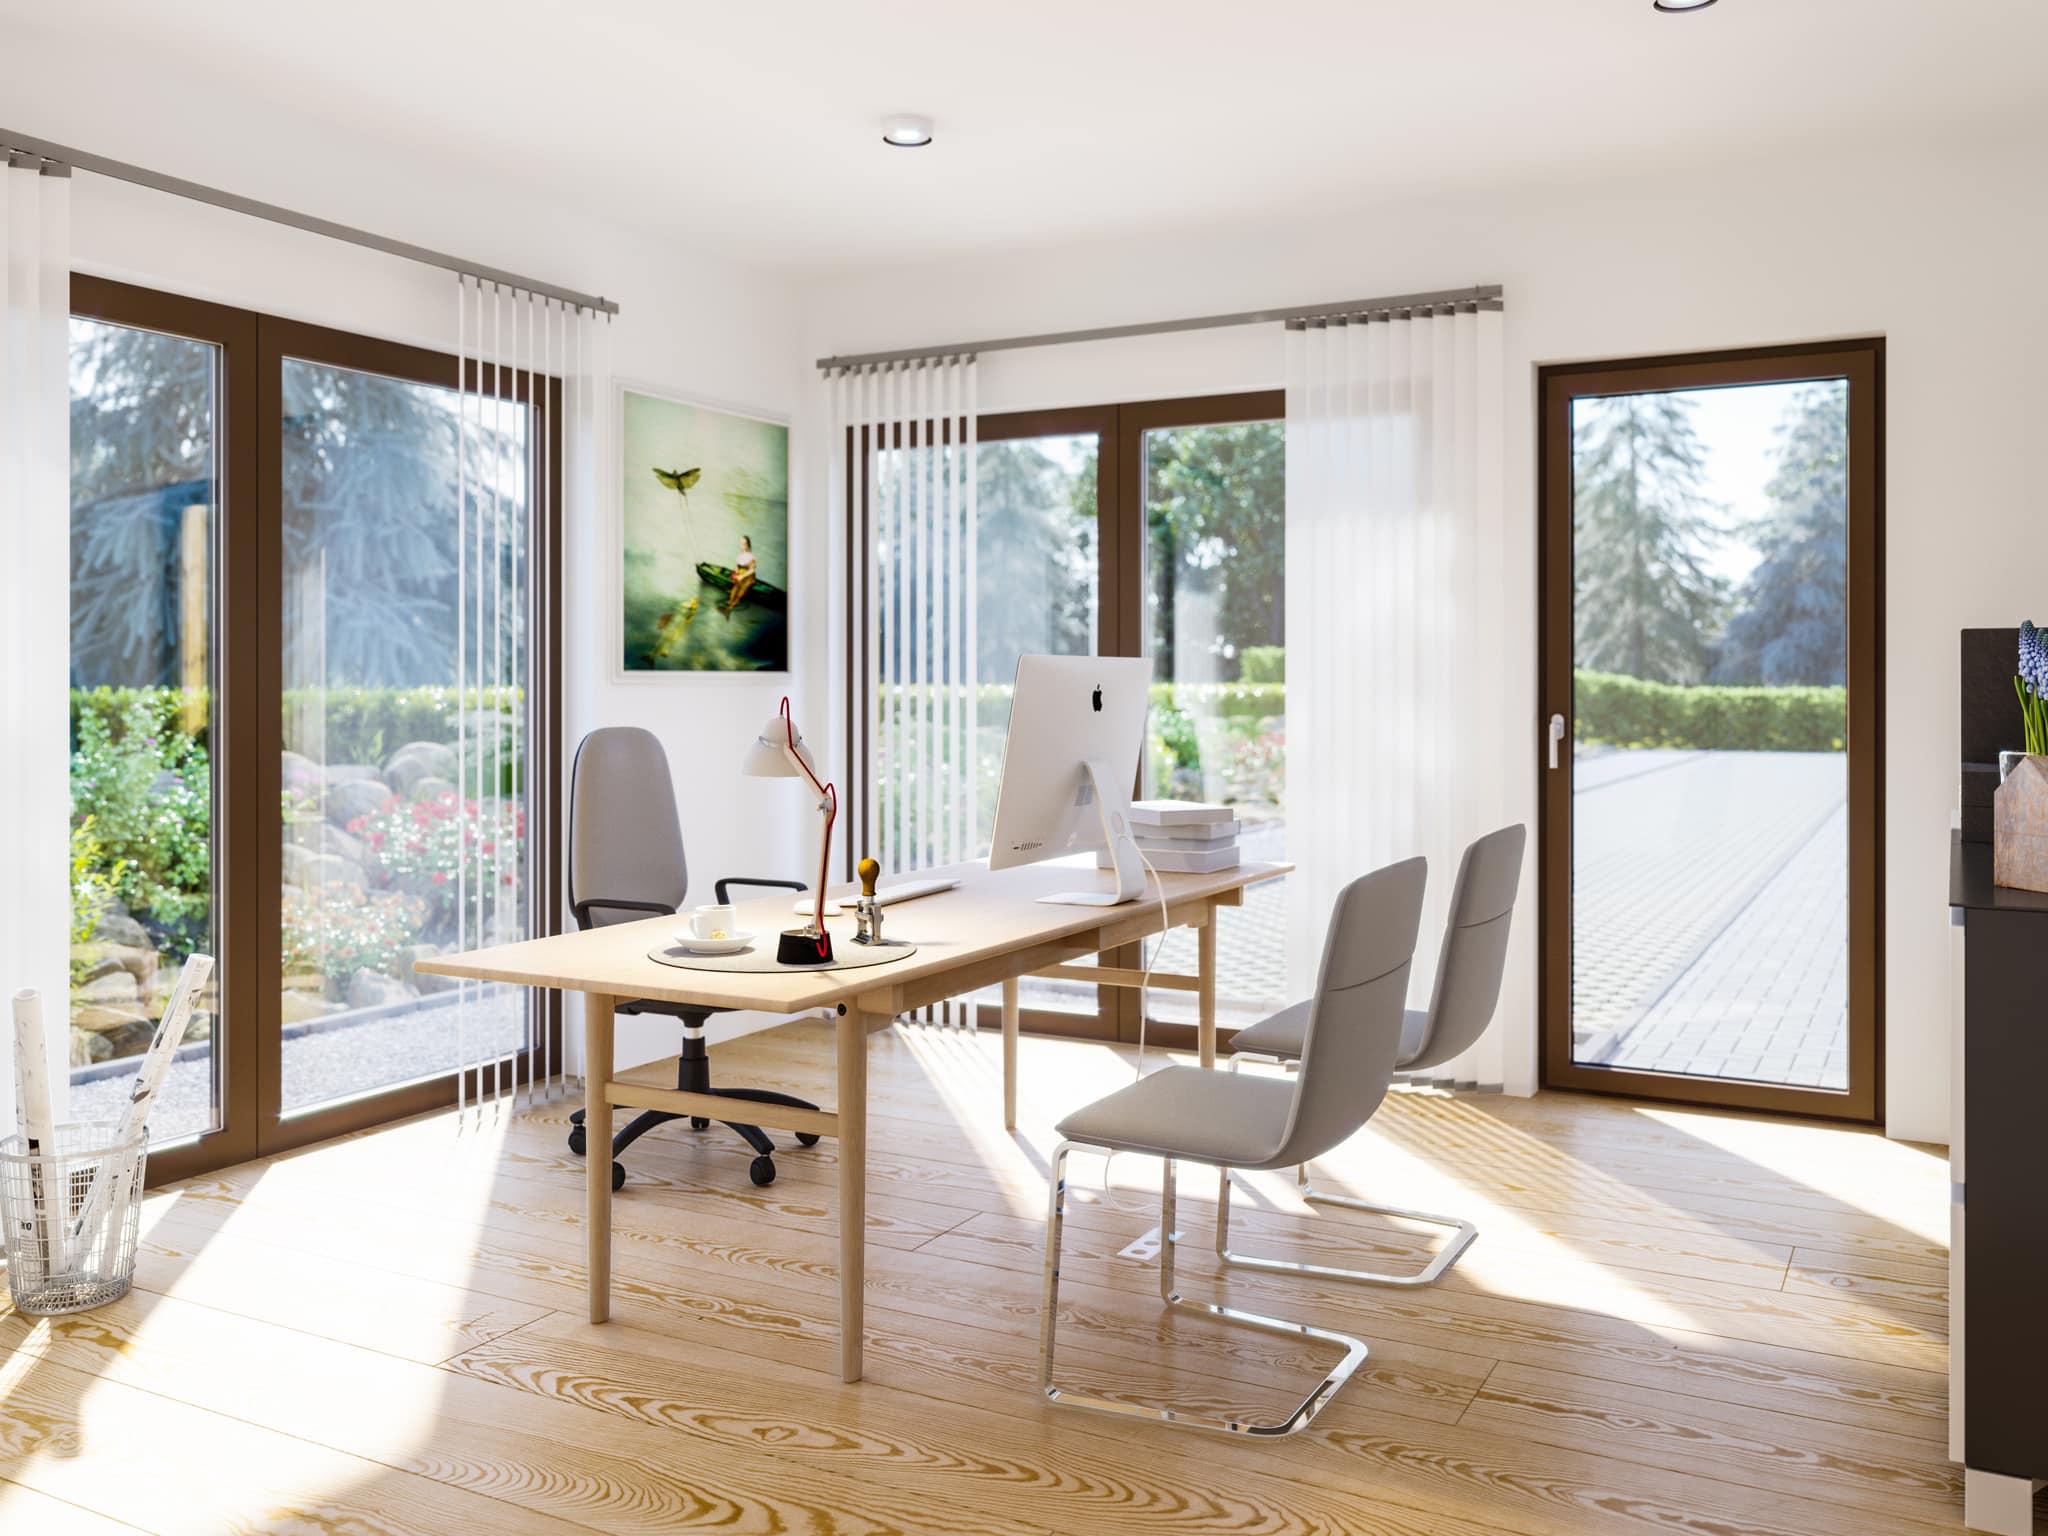 Home Office - Ideen Inneneinrichtung Einfamilienhaus Living Haus SUNSHINE 144 V4 - HausbauDirekt.de